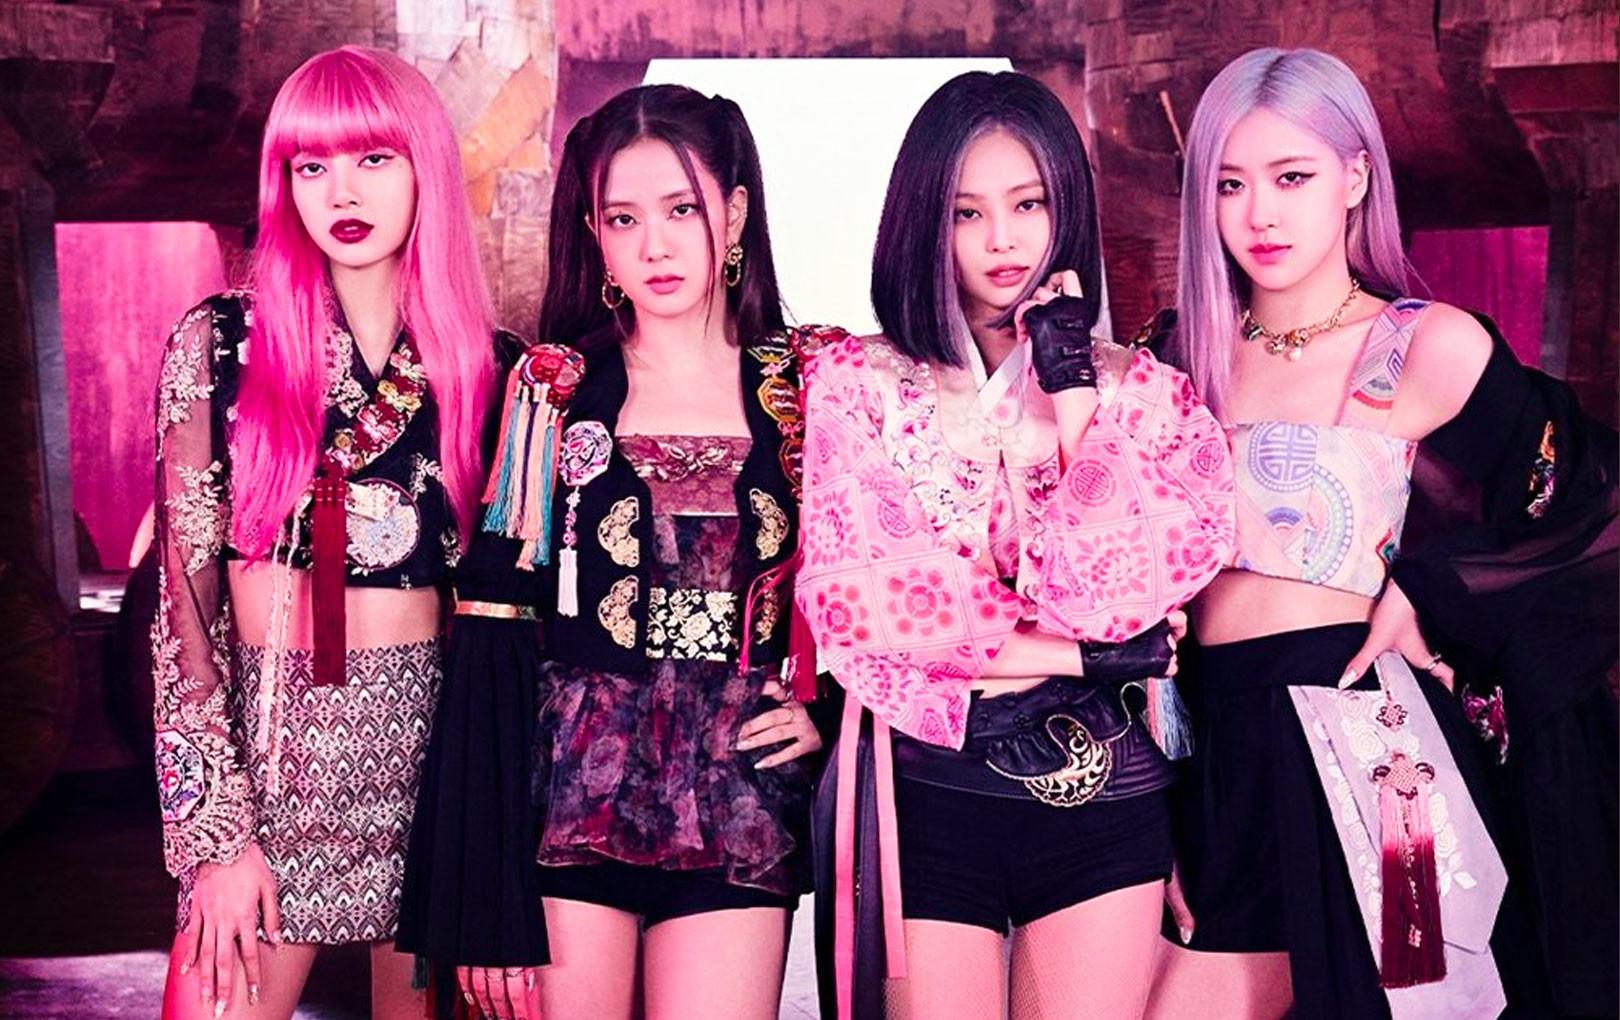 Fan Việt Nam của BLACKPINK quá khủng: đóng góp lượt xem nhiều thứ 3 cho MV mới, ra gần 1 tháng rồi vẫn nằm trong top trending!